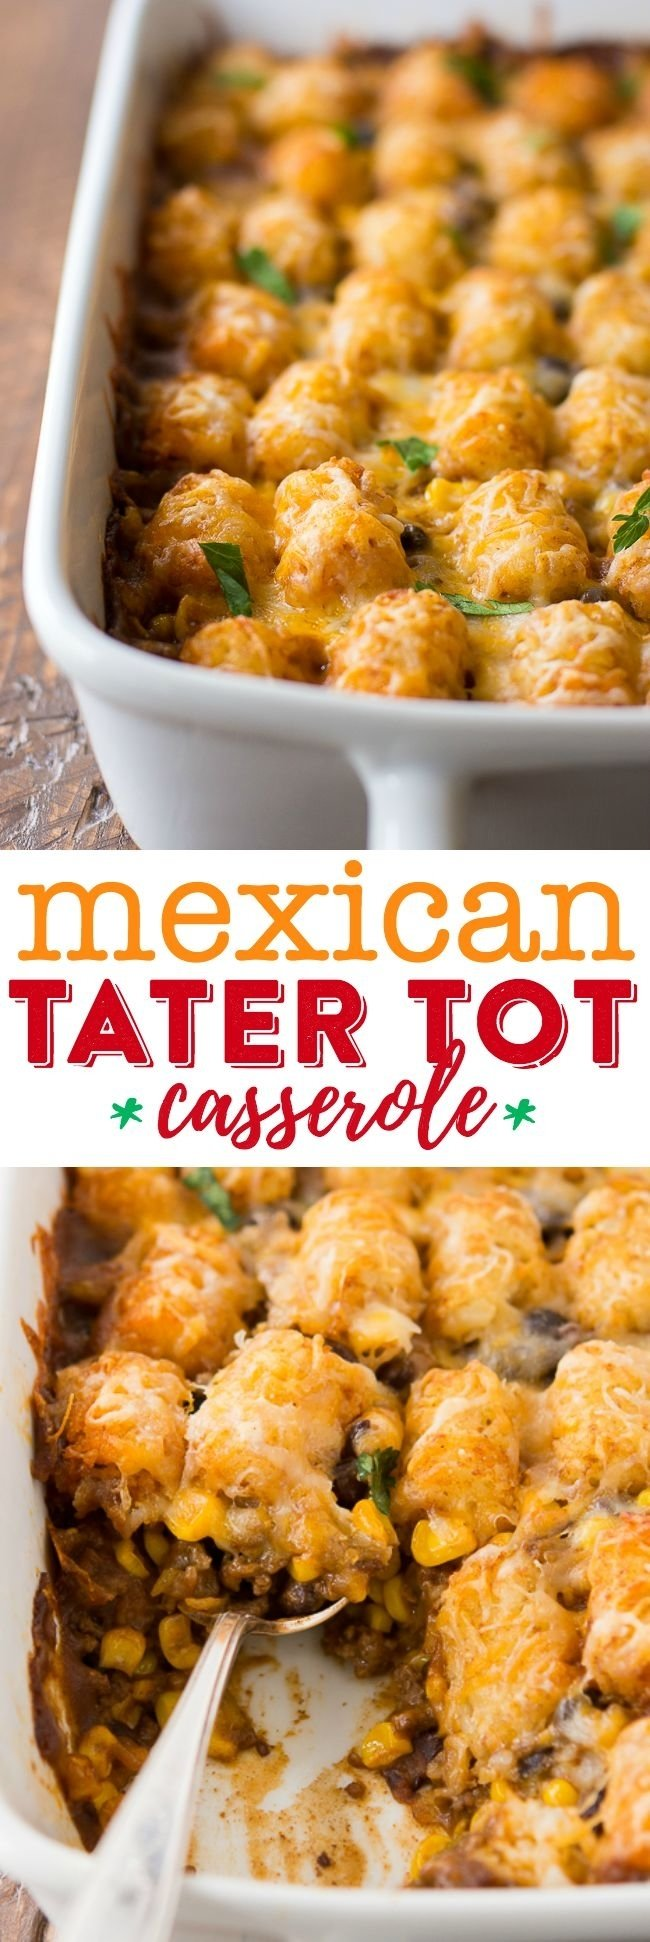 10 Attractive Easy Dinner Ideas For Family les 22 meilleures images du tableau casseroles sur pinterest la